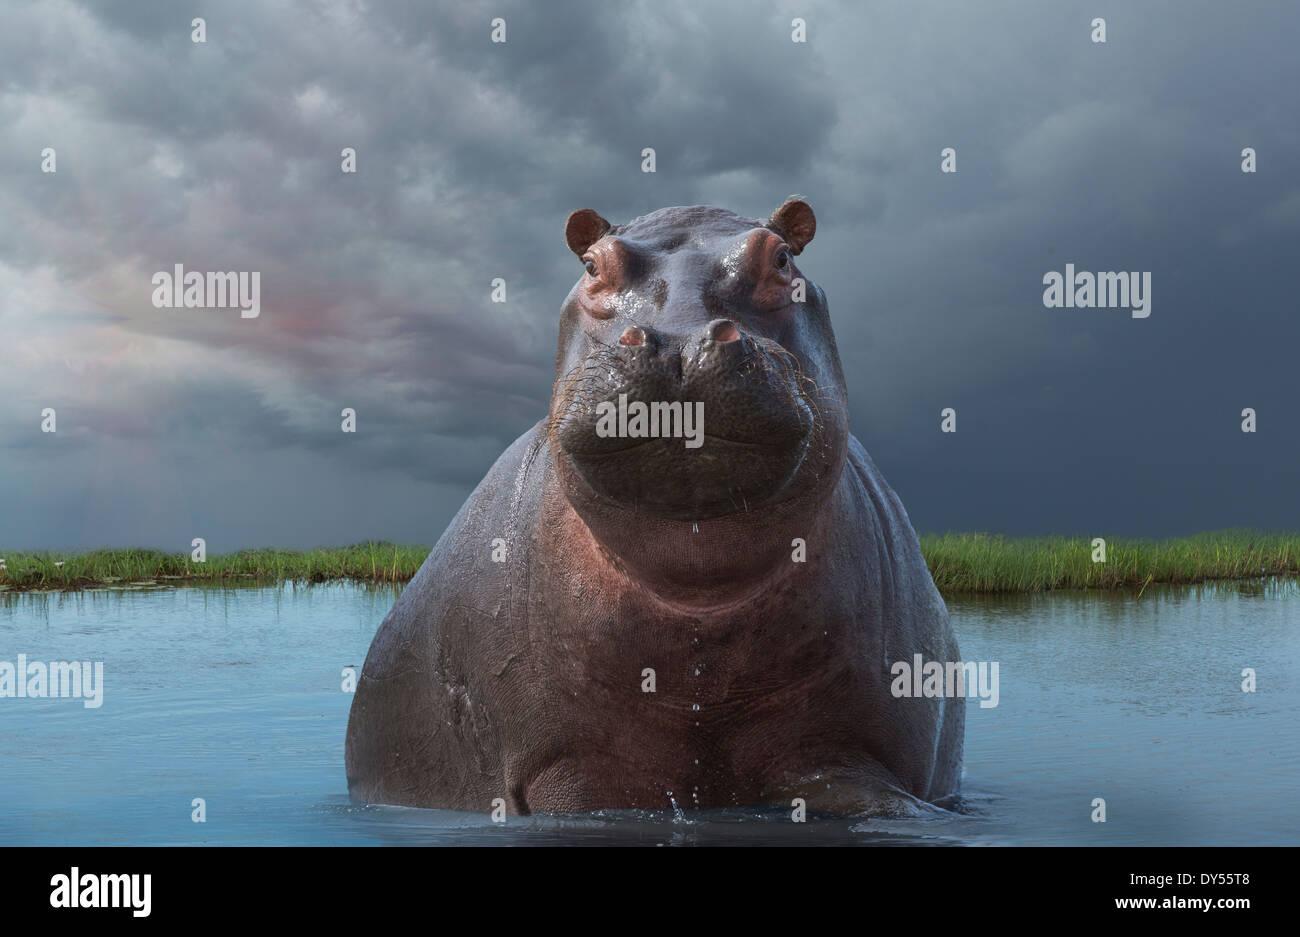 Hippo (Hippopotamus amphibius) - Stock Image